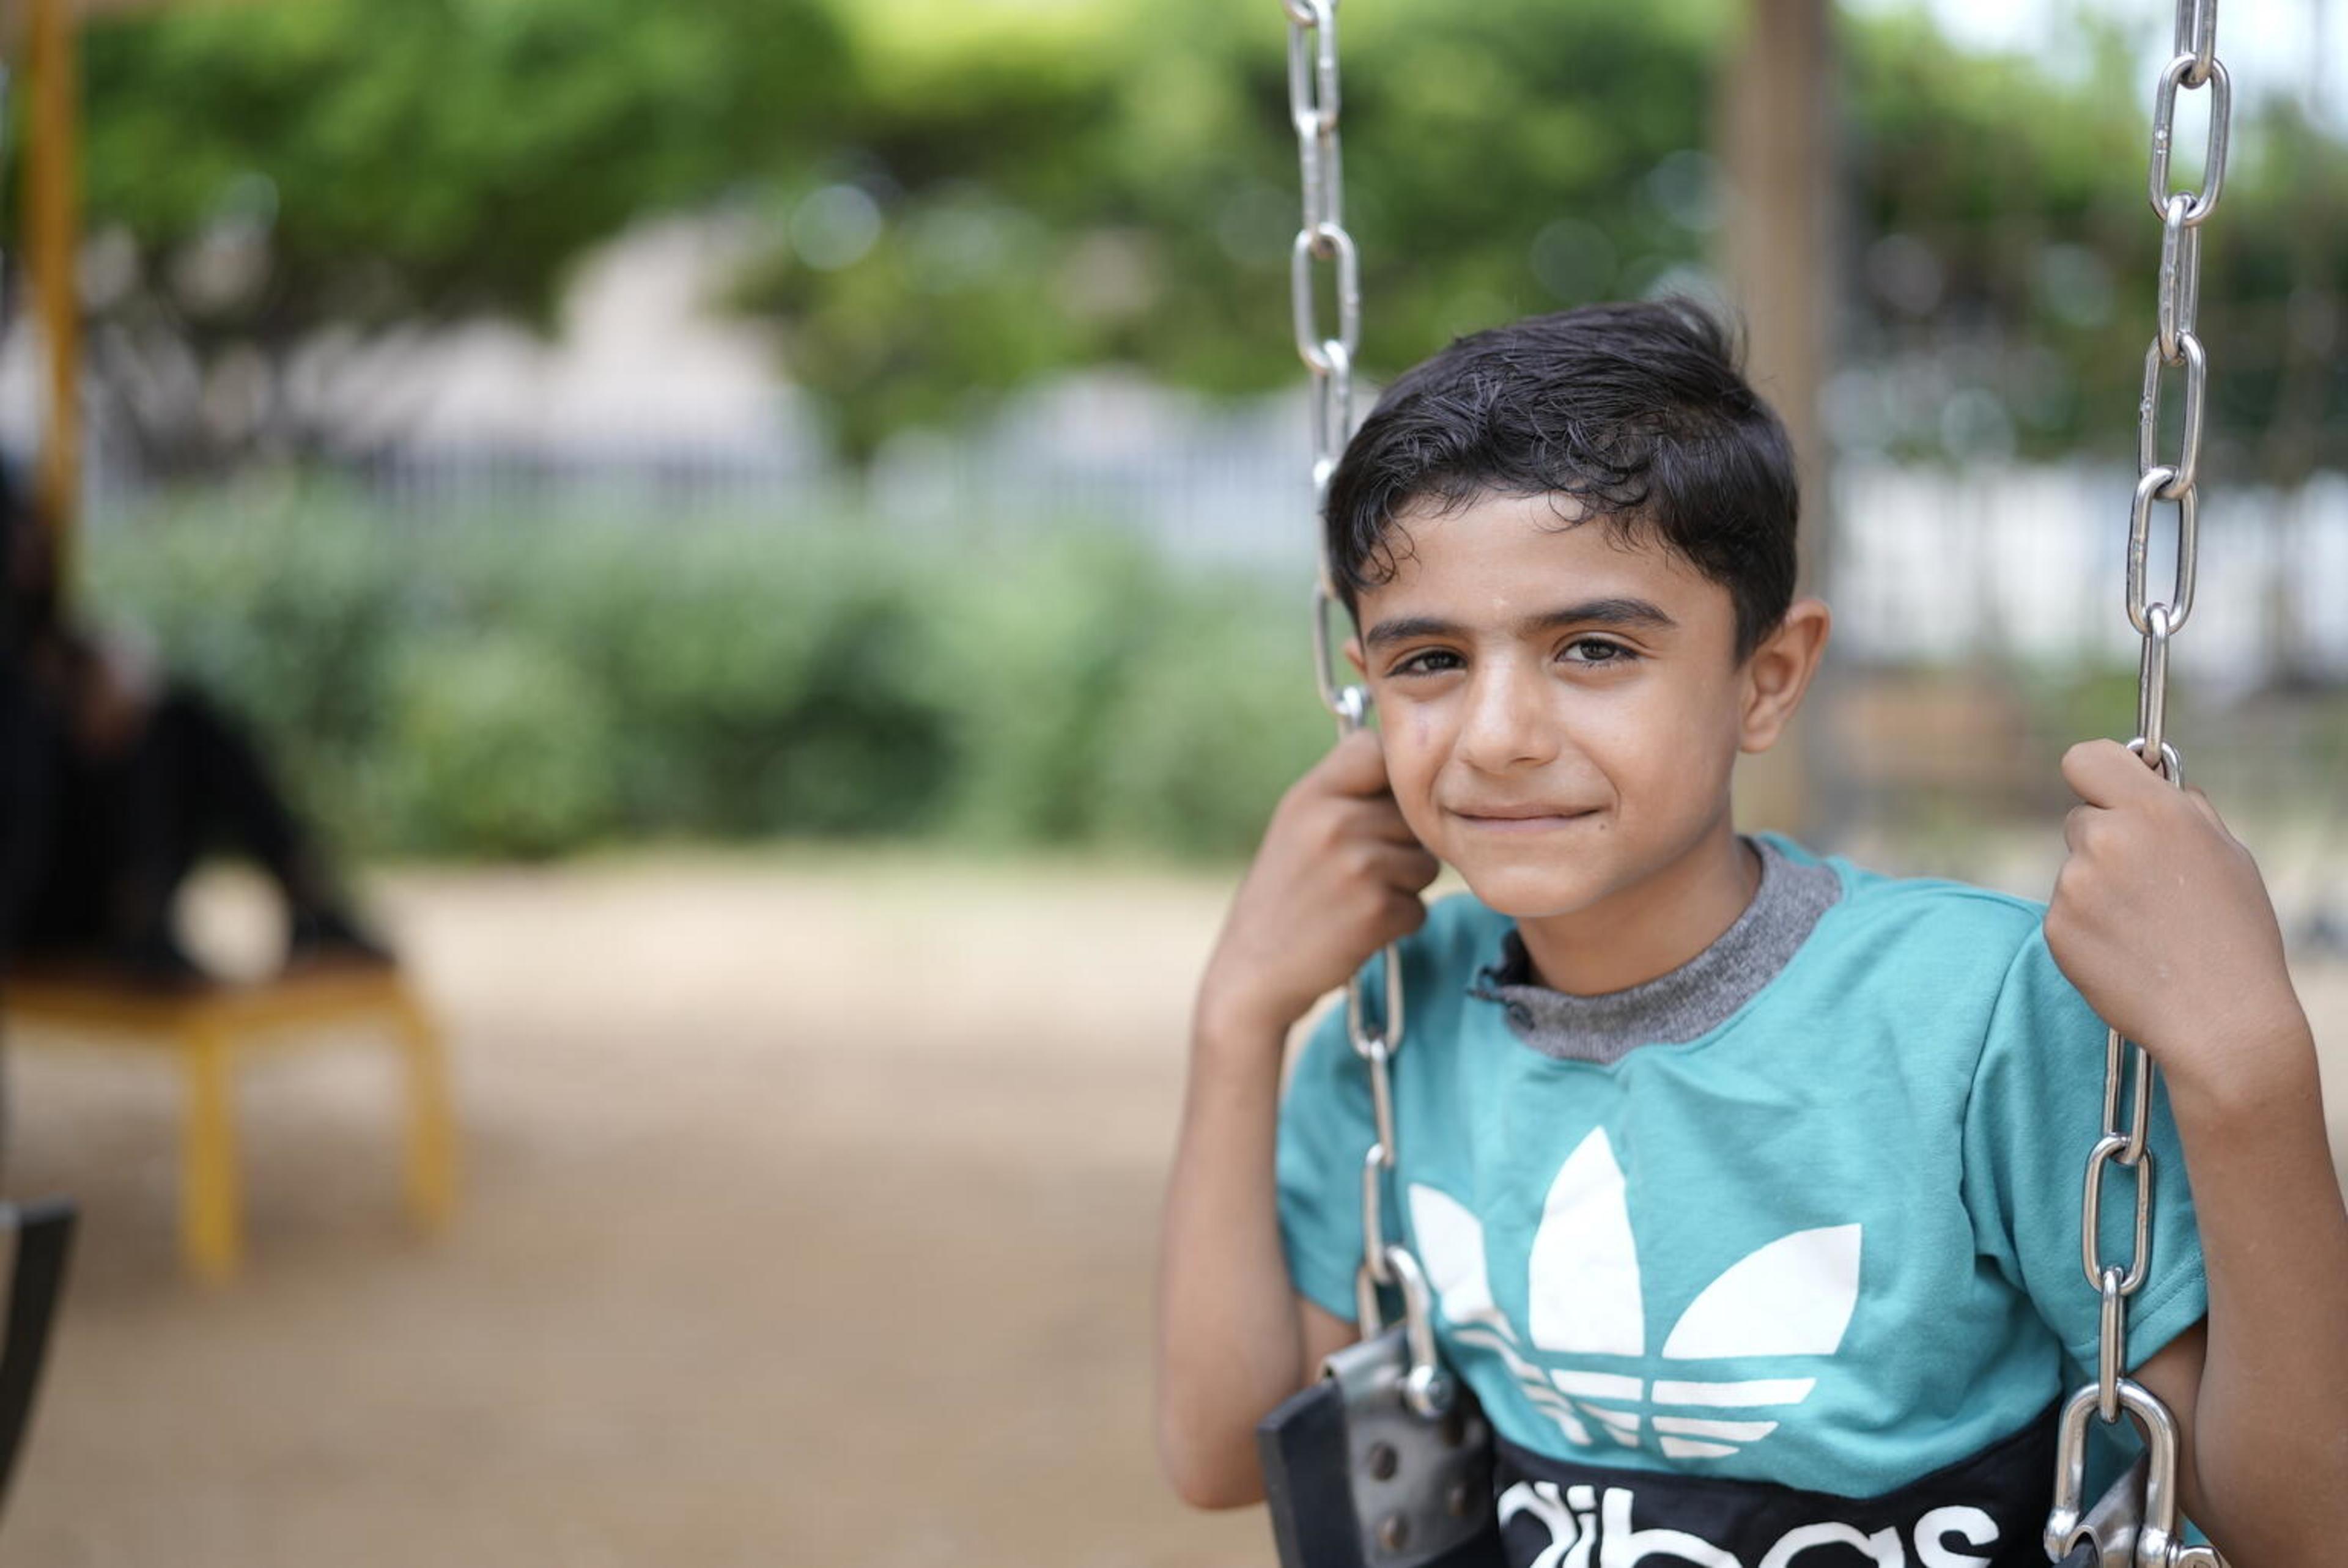 UNICEF/UN0495269/Choufany